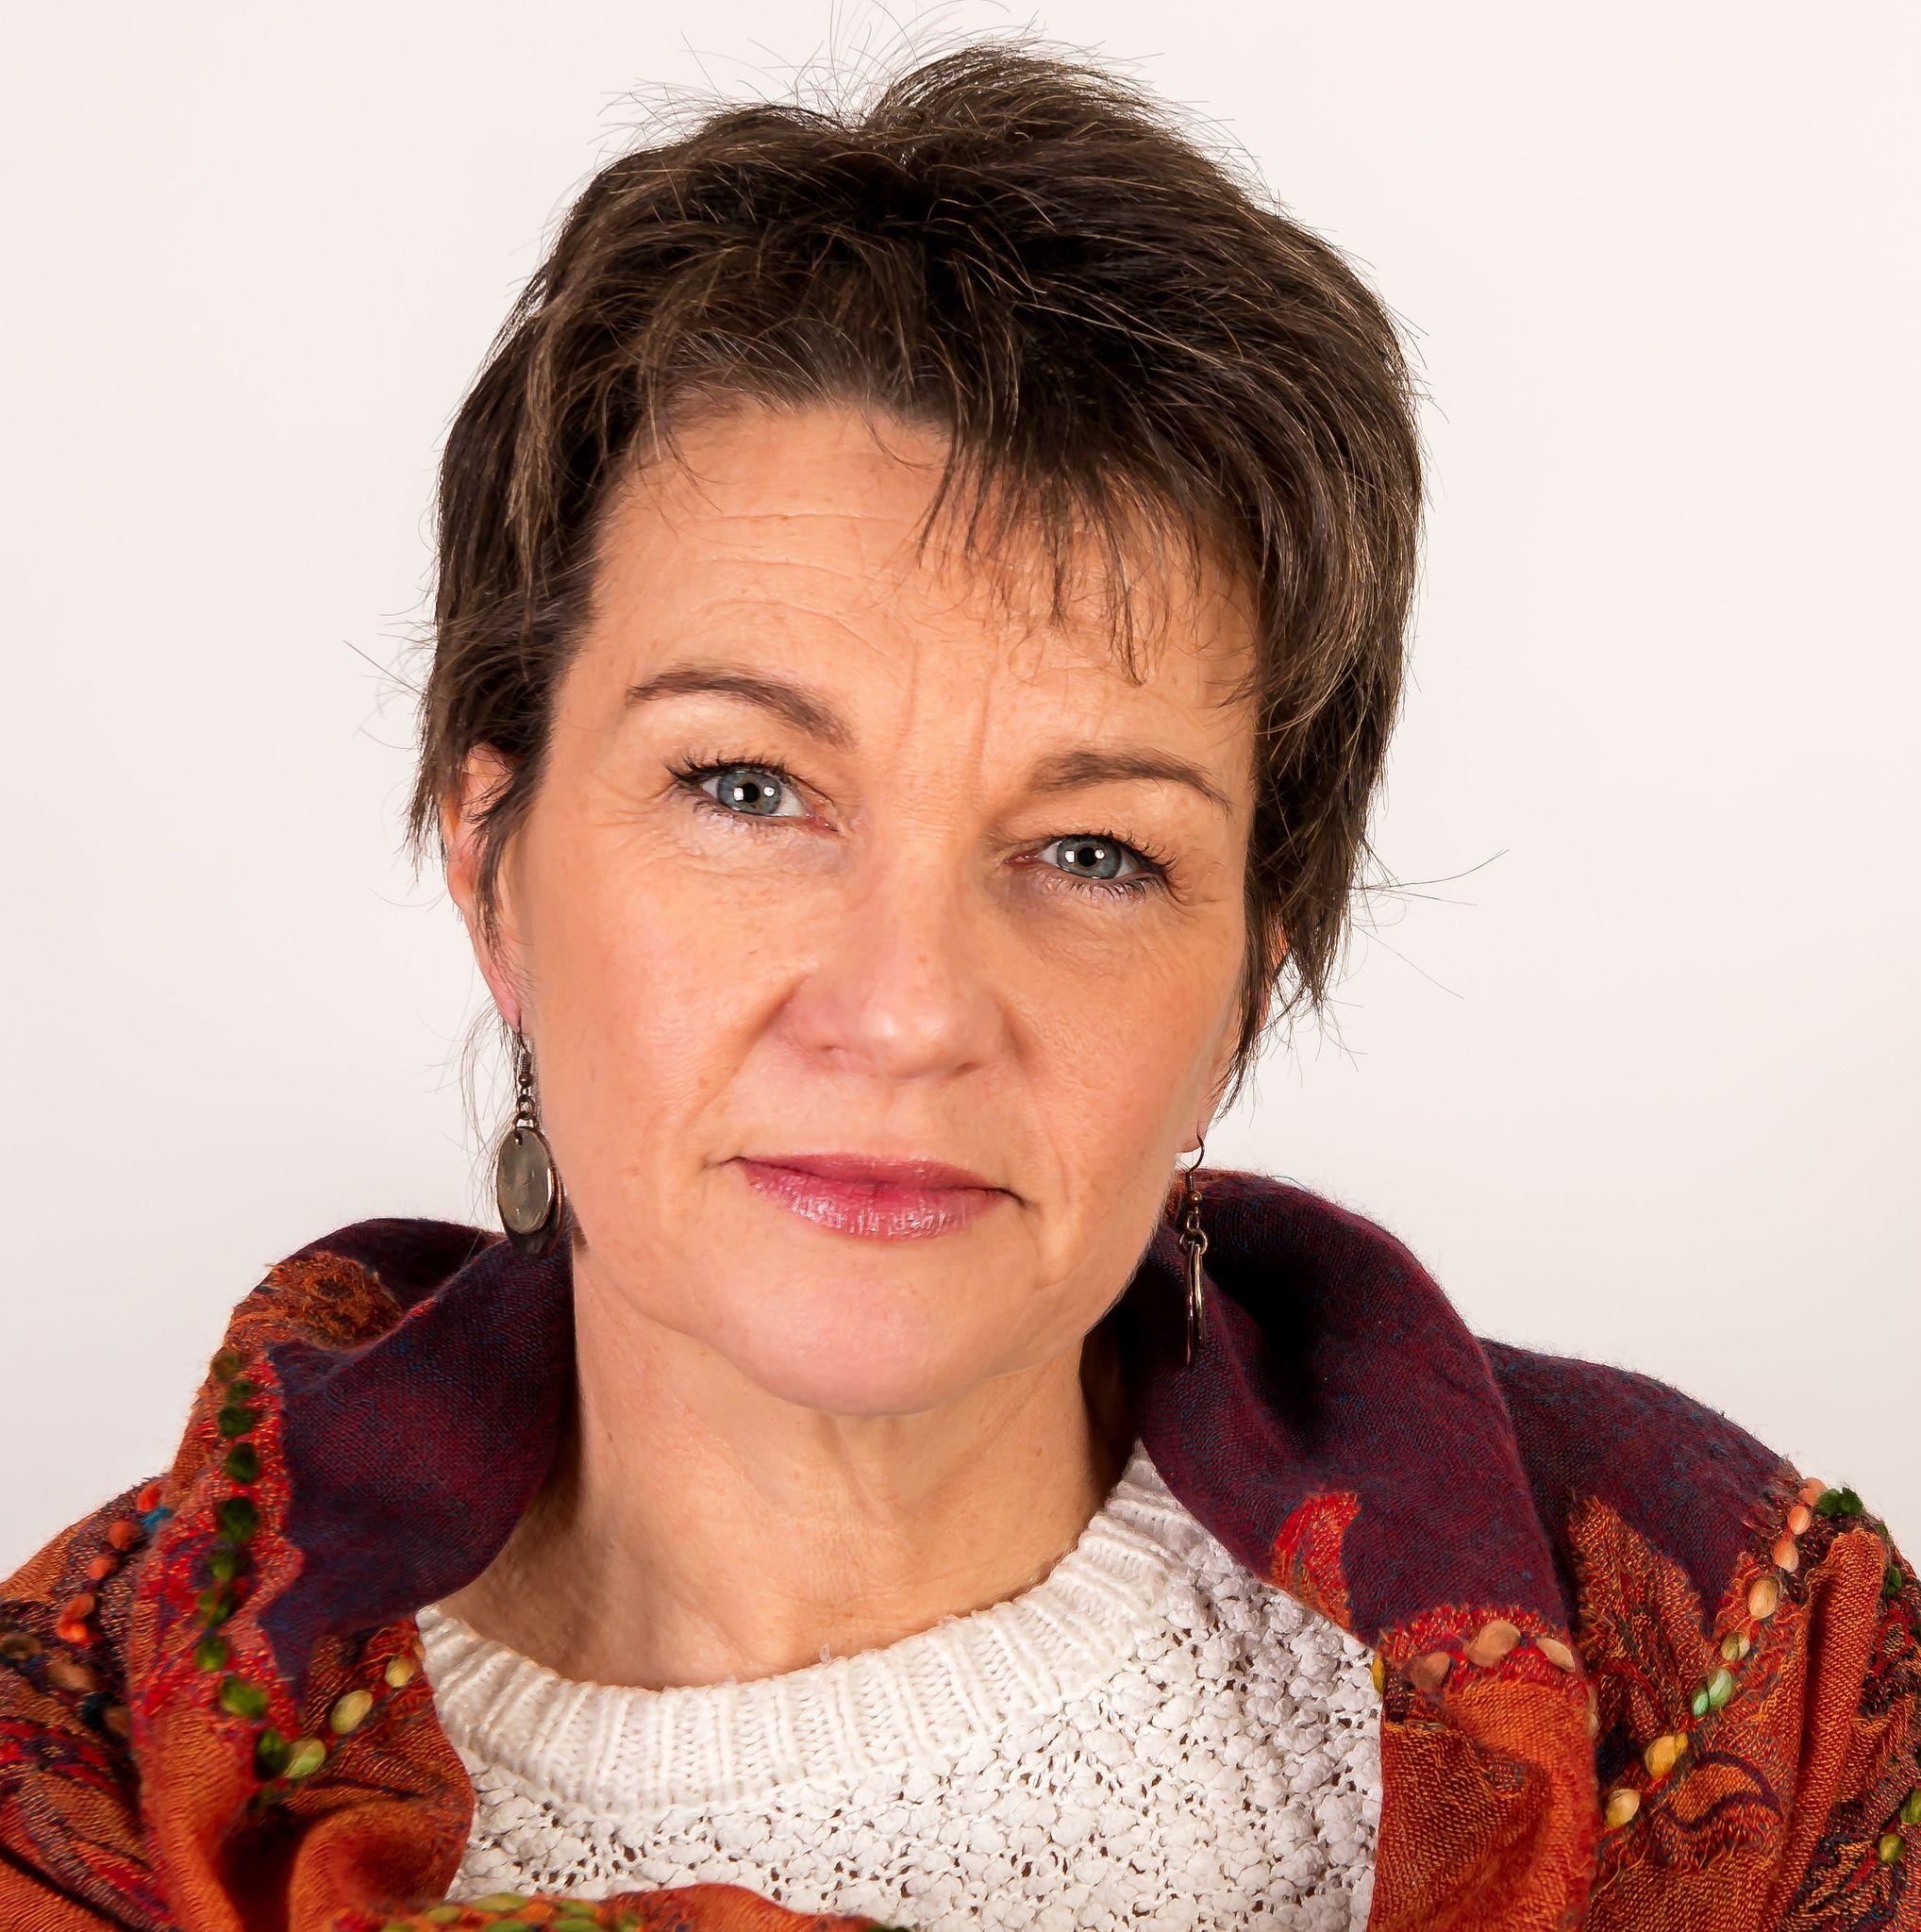 Nathalie Mimouni annuaire des professionnelles de l'accompagnement - Ambitions Plurielles